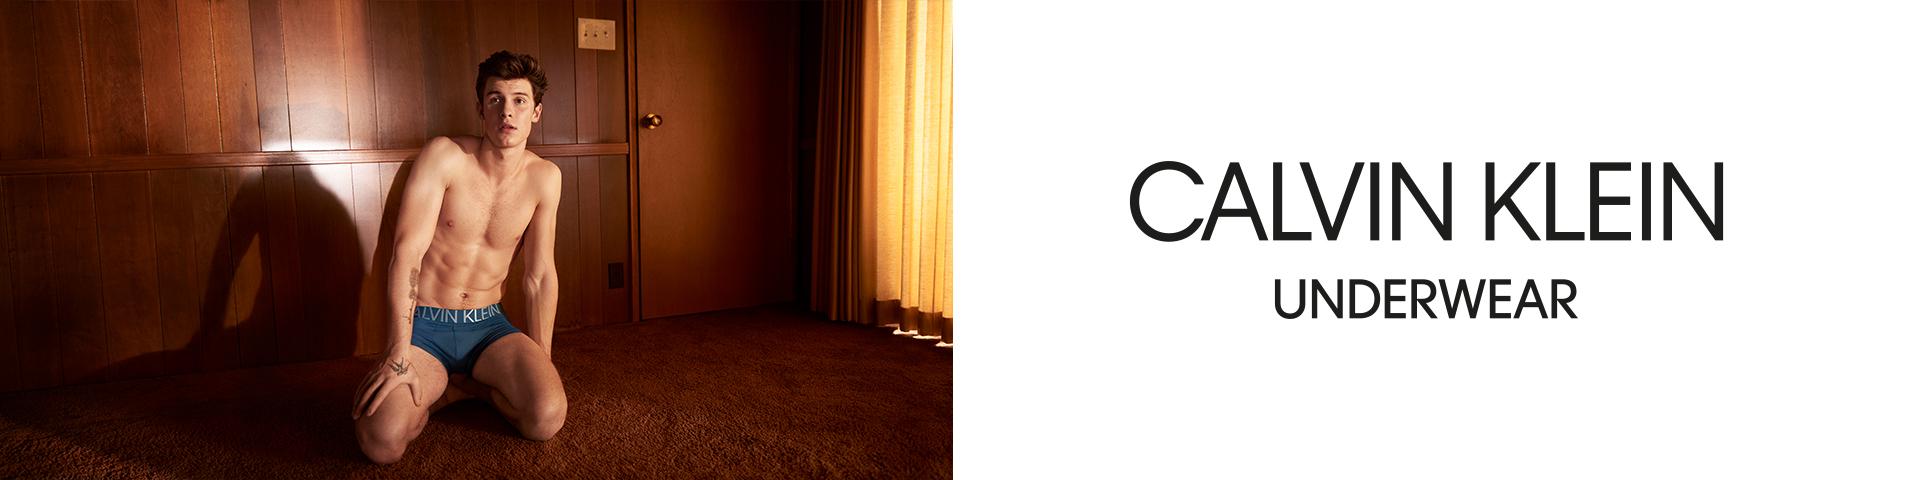 0ef84d36bb97d8 Intimo maschile Calvin Klein | La collezione su Zalando